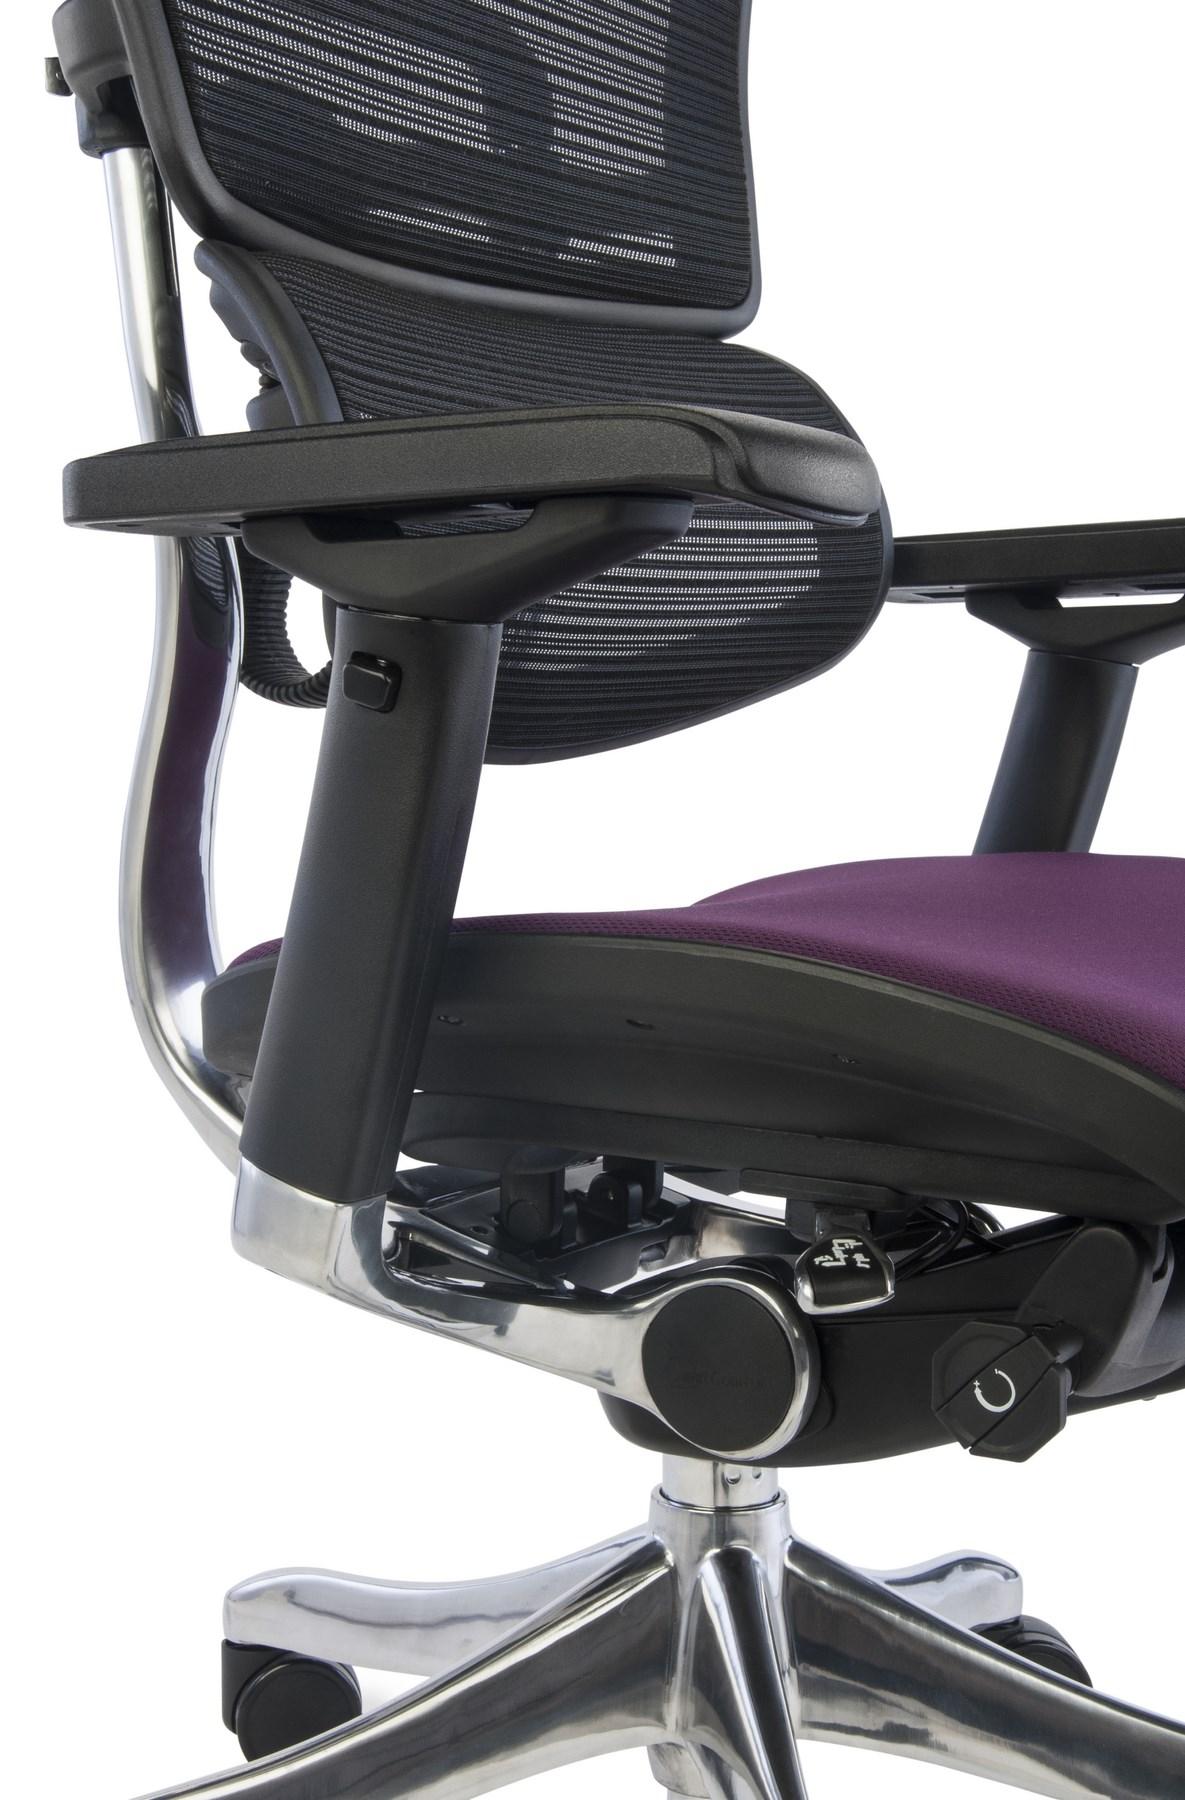 Ergohuman Plus Elite Color, Backrest: KMD 31, Seat: Flex FX10